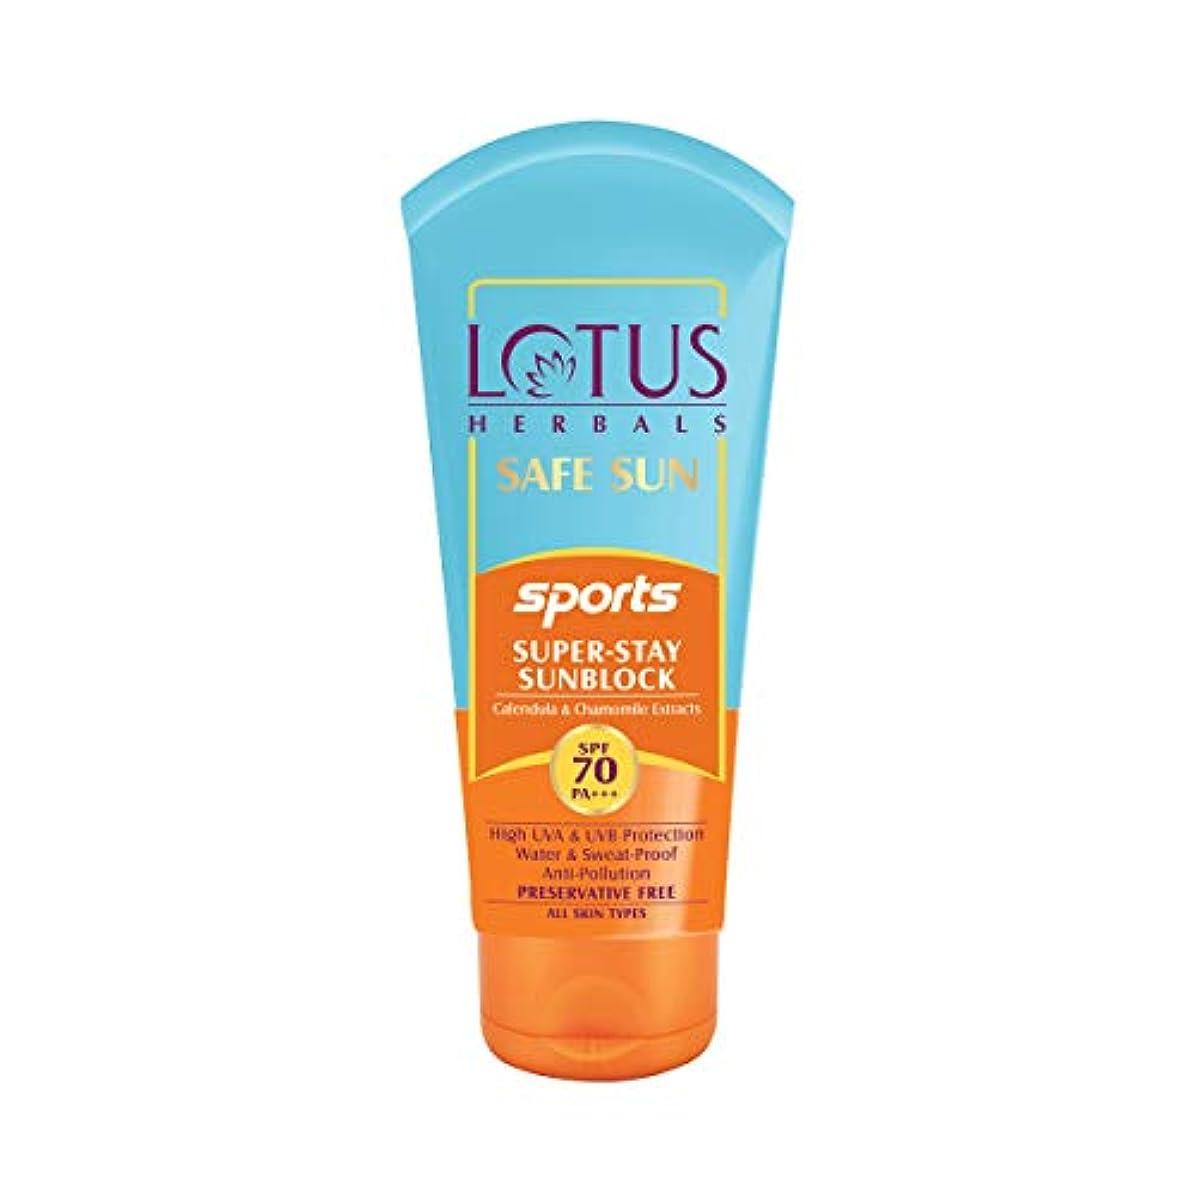 二十観点ブレーキLotus Herbals Safe Sun Sports Super-Stay Sunblock Spf 70 Pa+++, 80 g (Calendula and chamomile extracts)